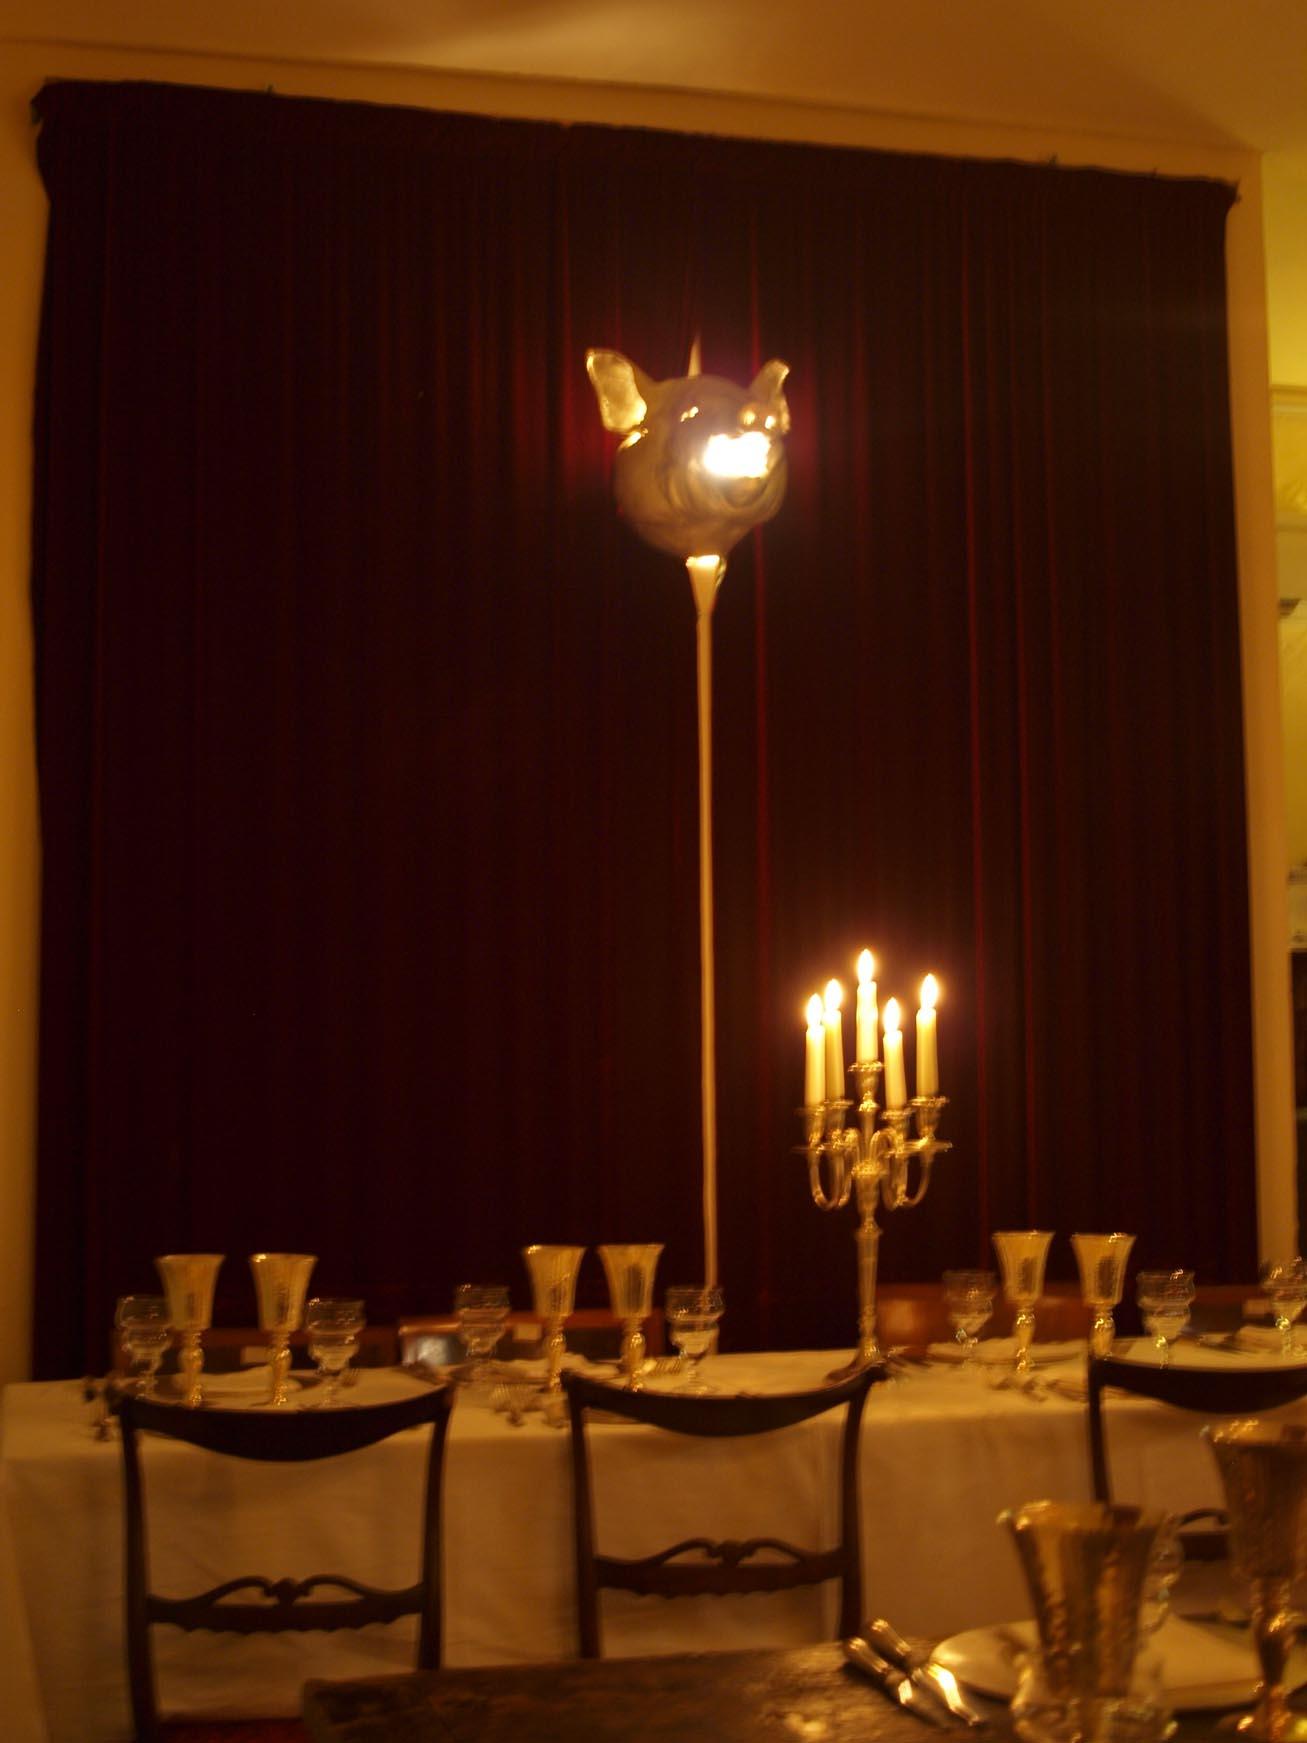 超感動!!フィレンツェにこんな素敵なレストランを発見!!記念日に選びたい1軒_c0179785_5533660.jpg